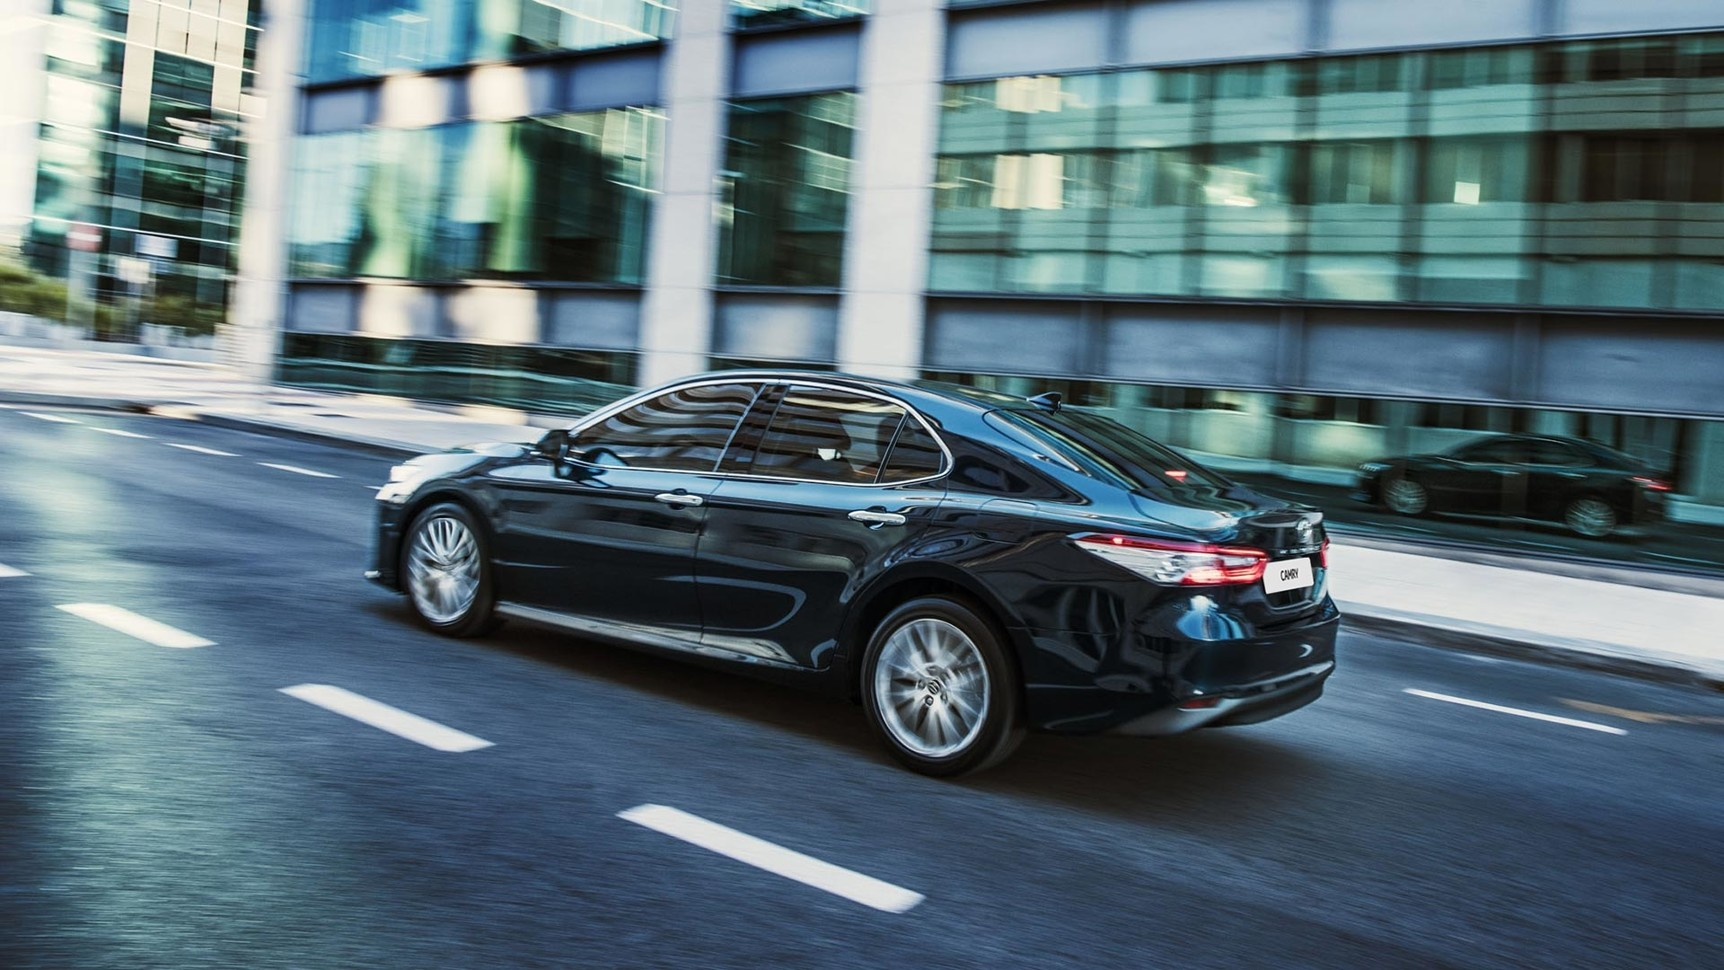 Рейтинг самых дорогих автомобильных брендов